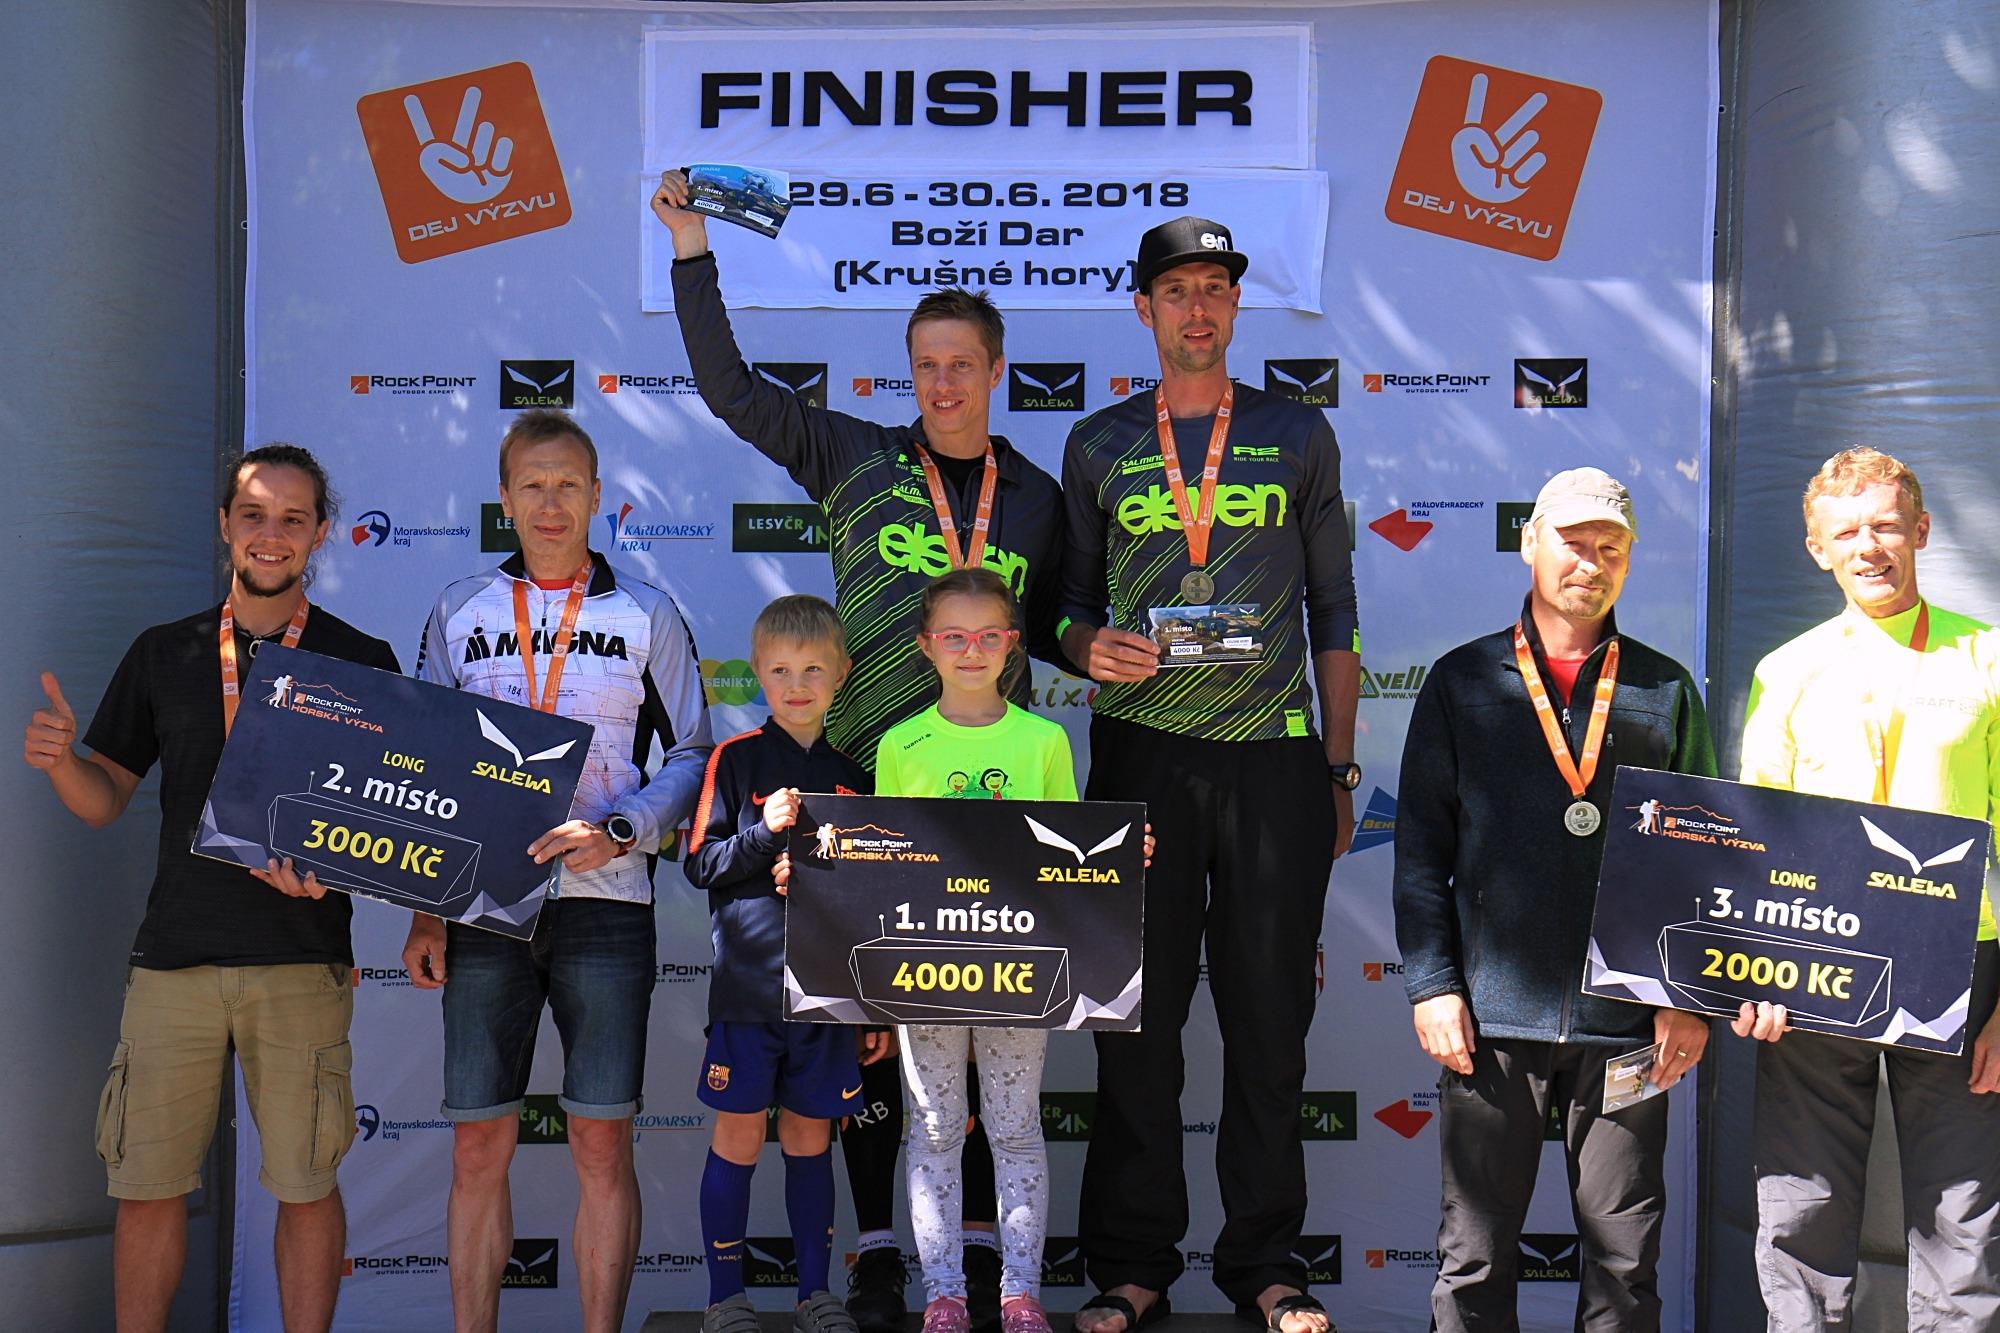 pódium s nejrychlejšími běžci na Longu foto:P. Pátek PatRESS.cz